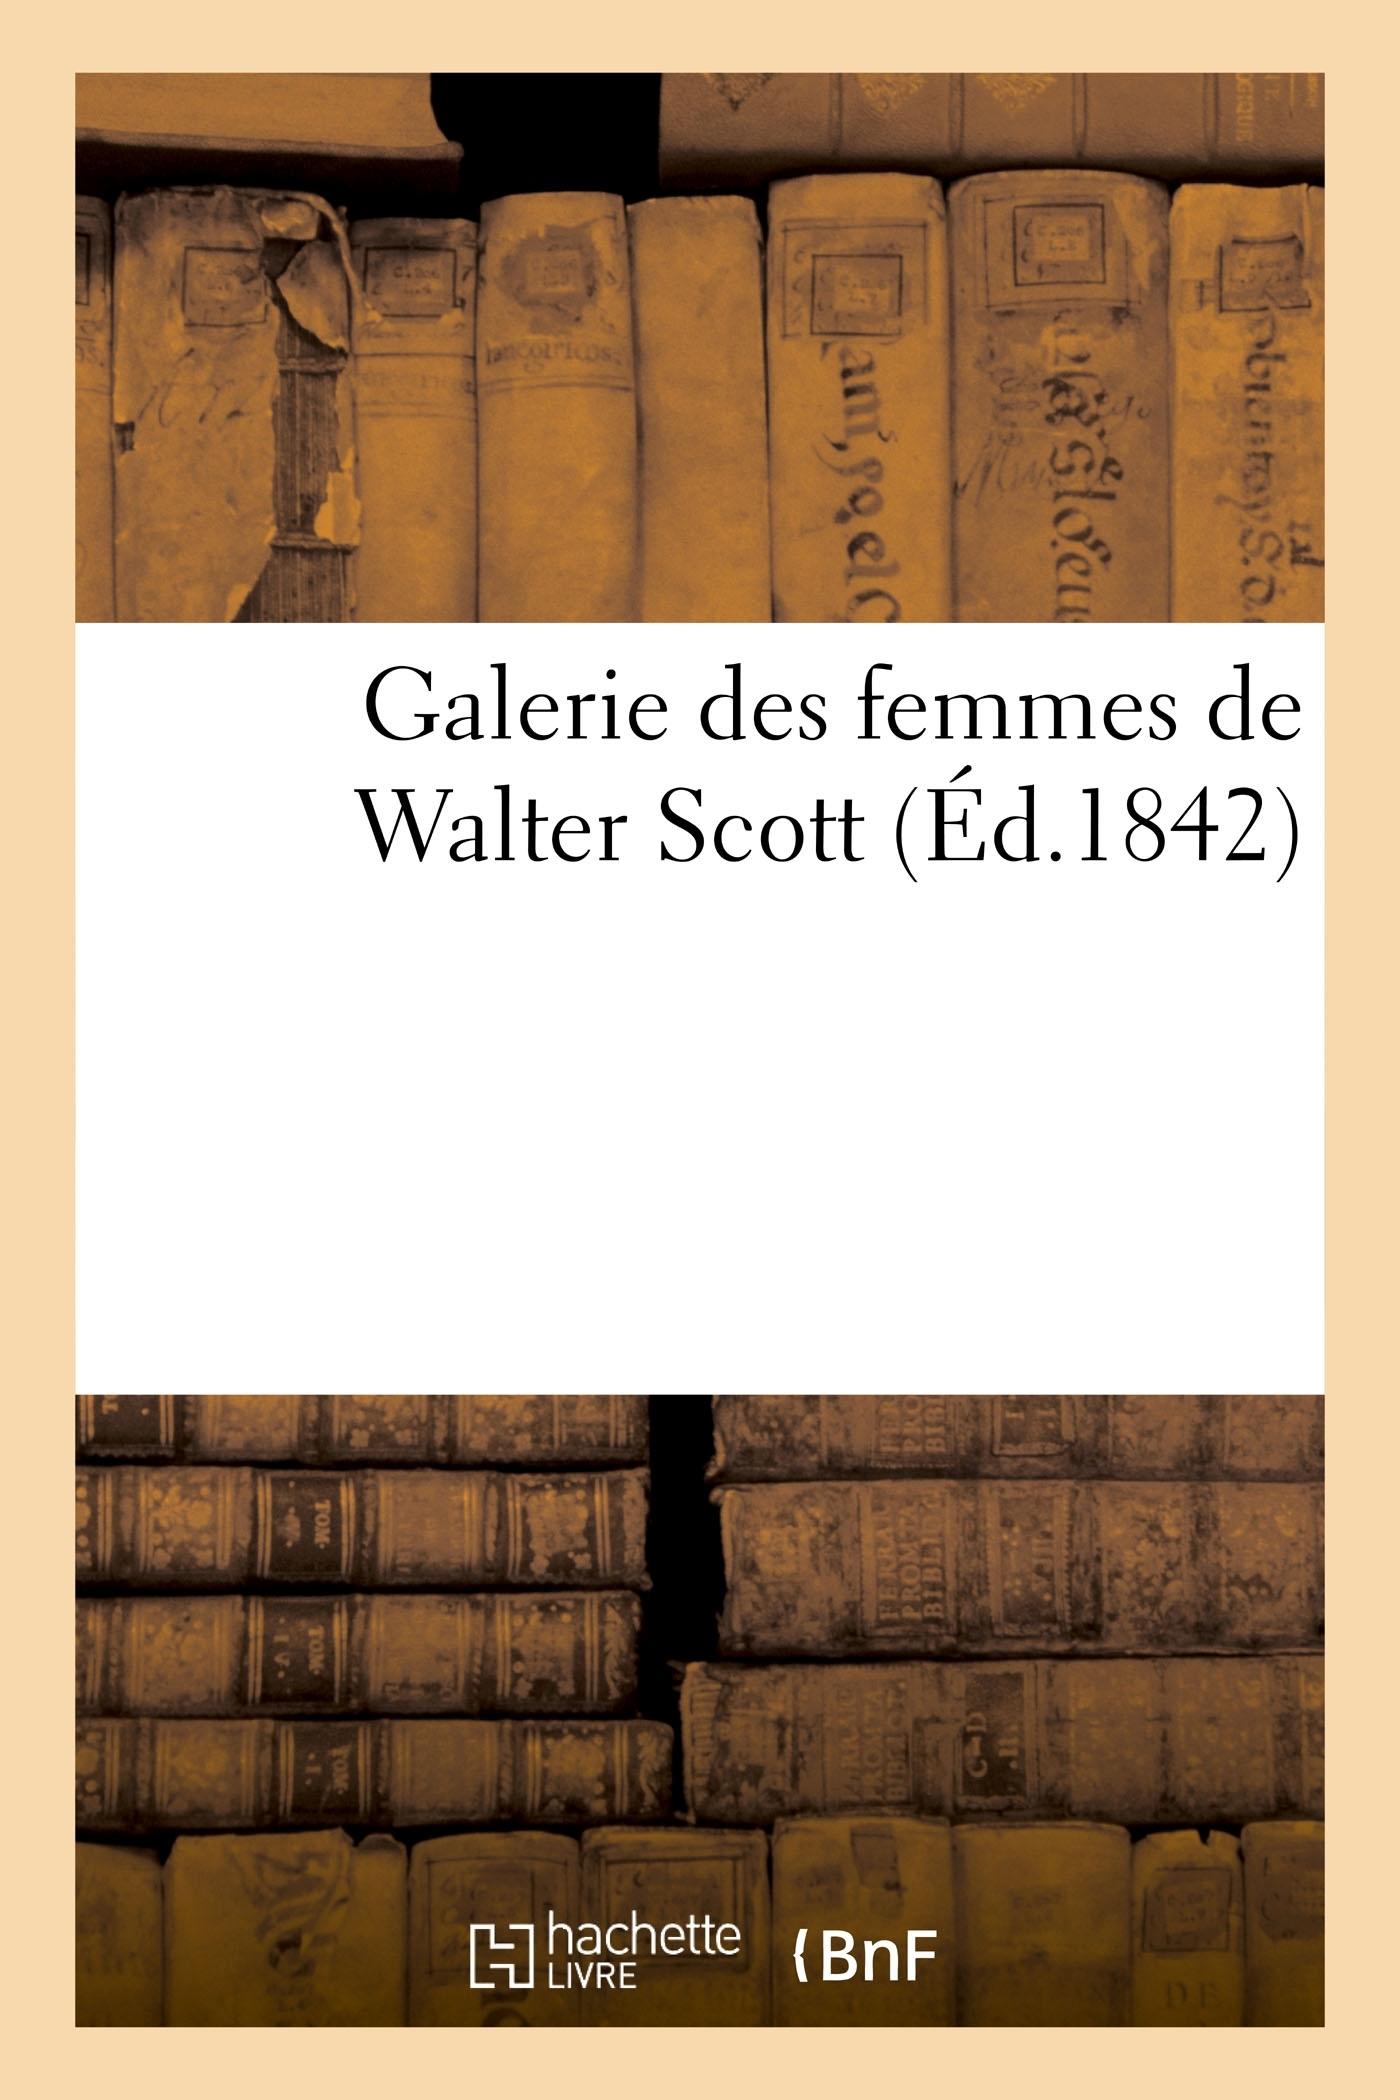 GALERIE DES FEMMES DE WALTER SCOTT - QUARANTE PORTRAITS GRAVES SUR ACIER ACCOMPAGNES CHACUN D'UN POR